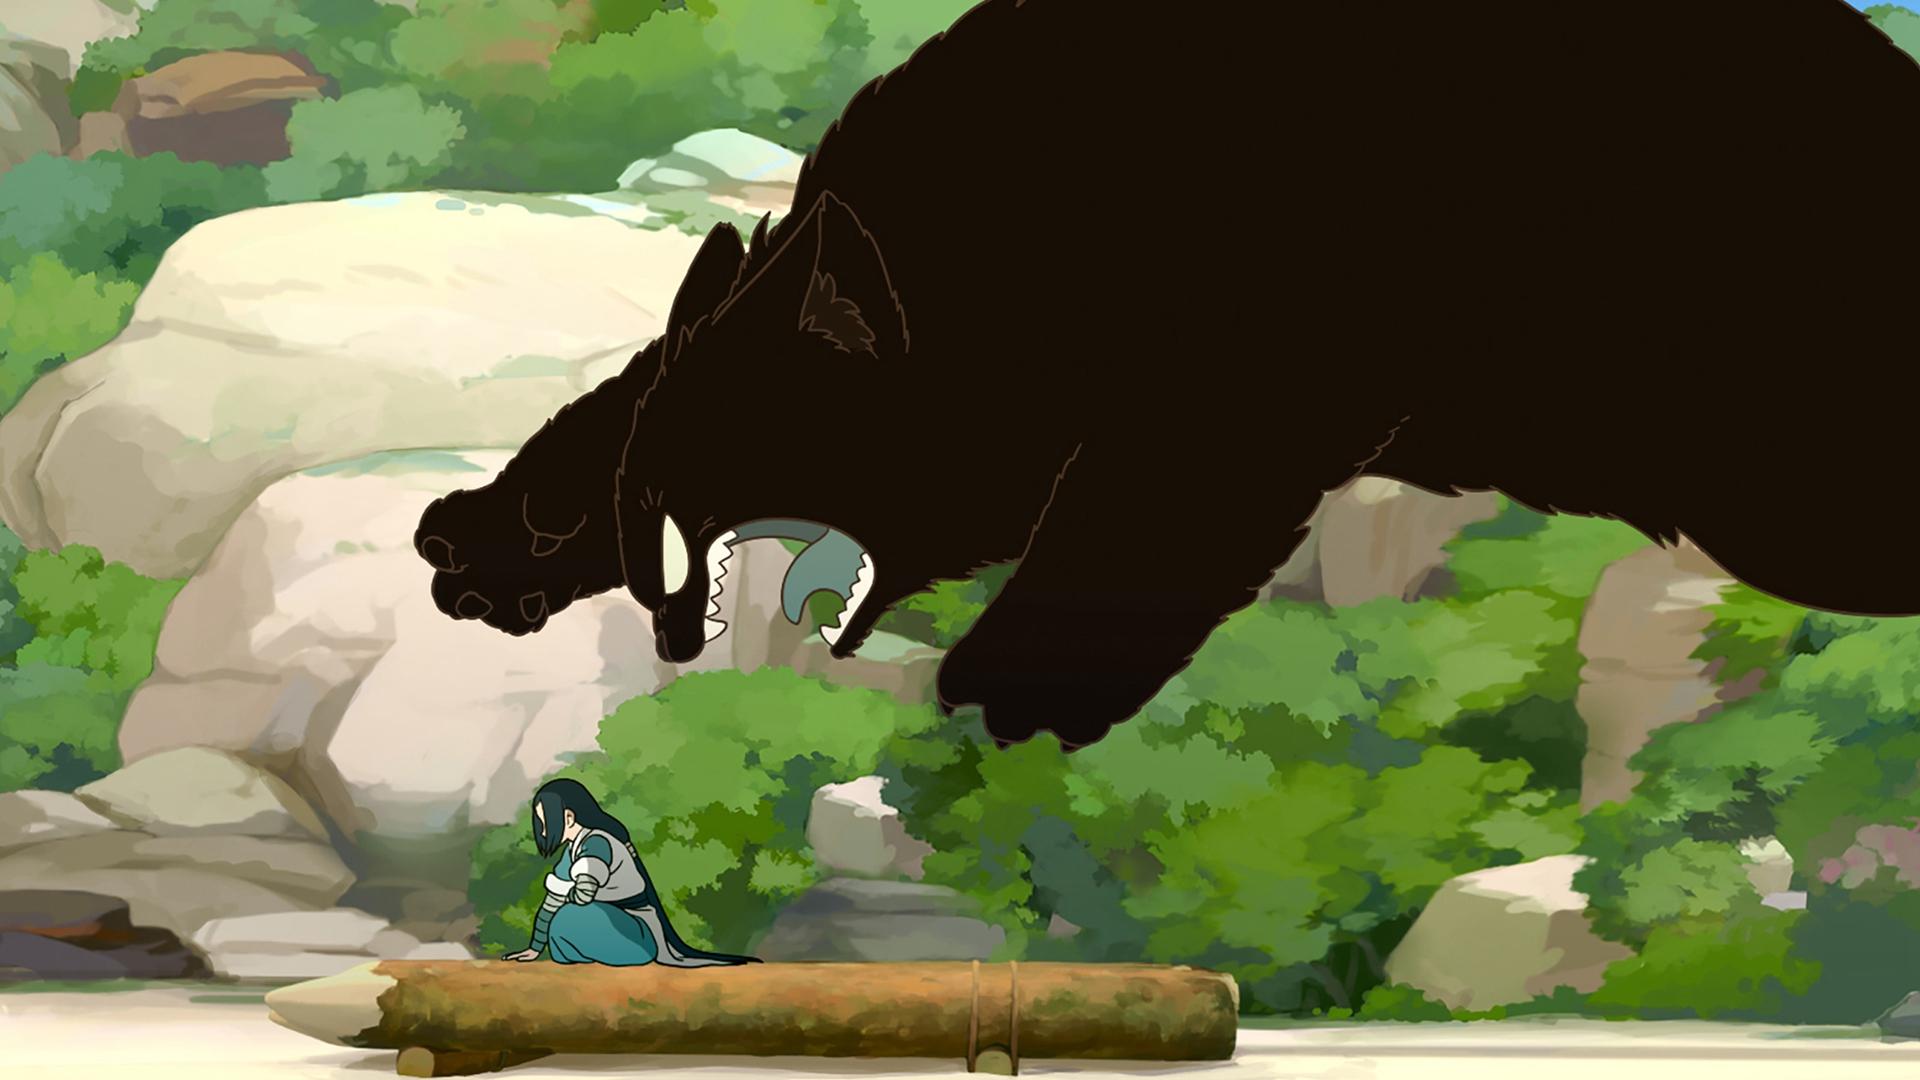 动画电影《罗小黑战记》桌面图片